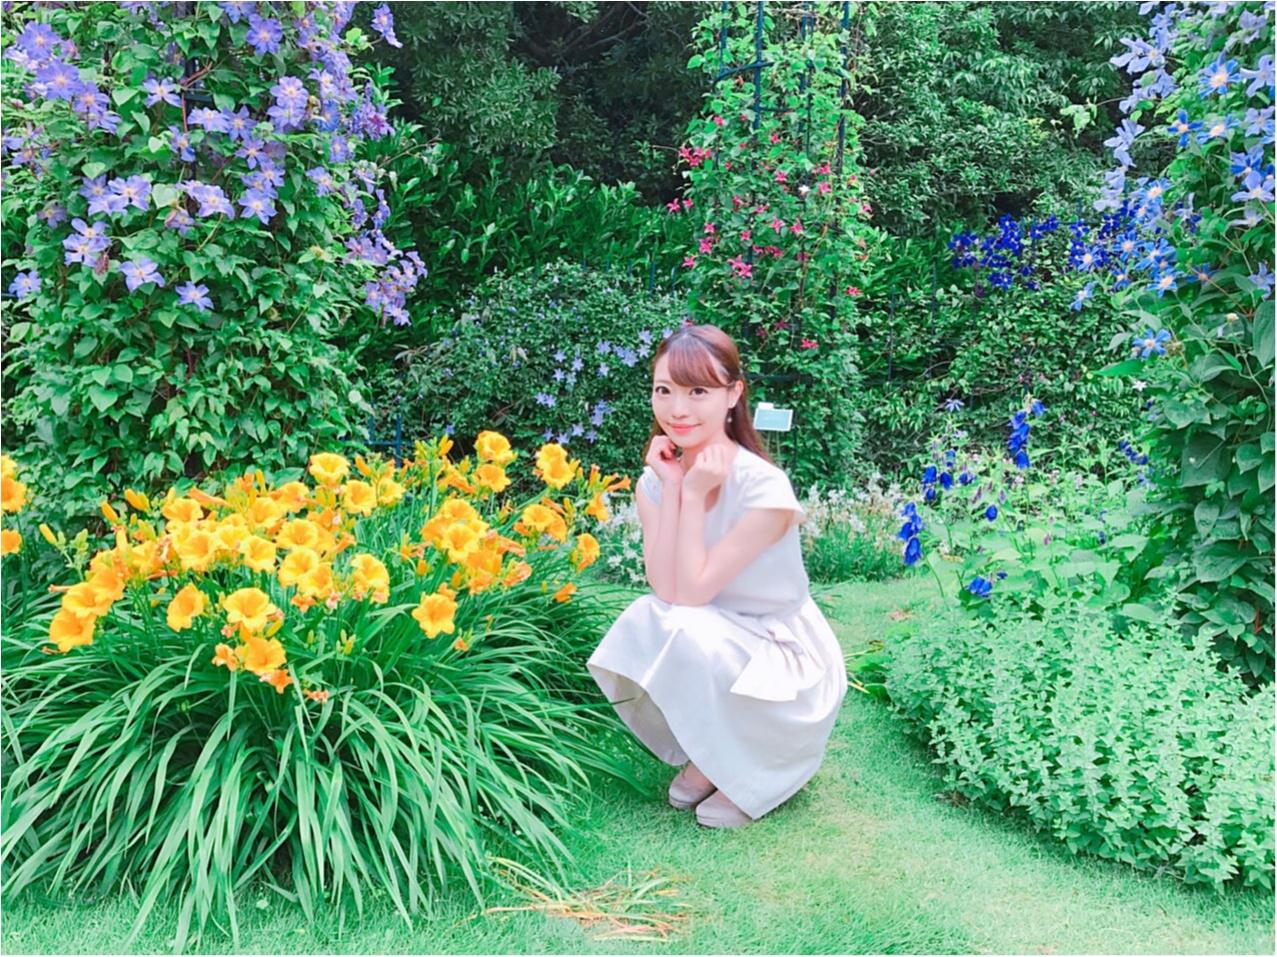 女の子の憧れ♡バラ園で素敵なひと時を、、(*^ω^*)_14